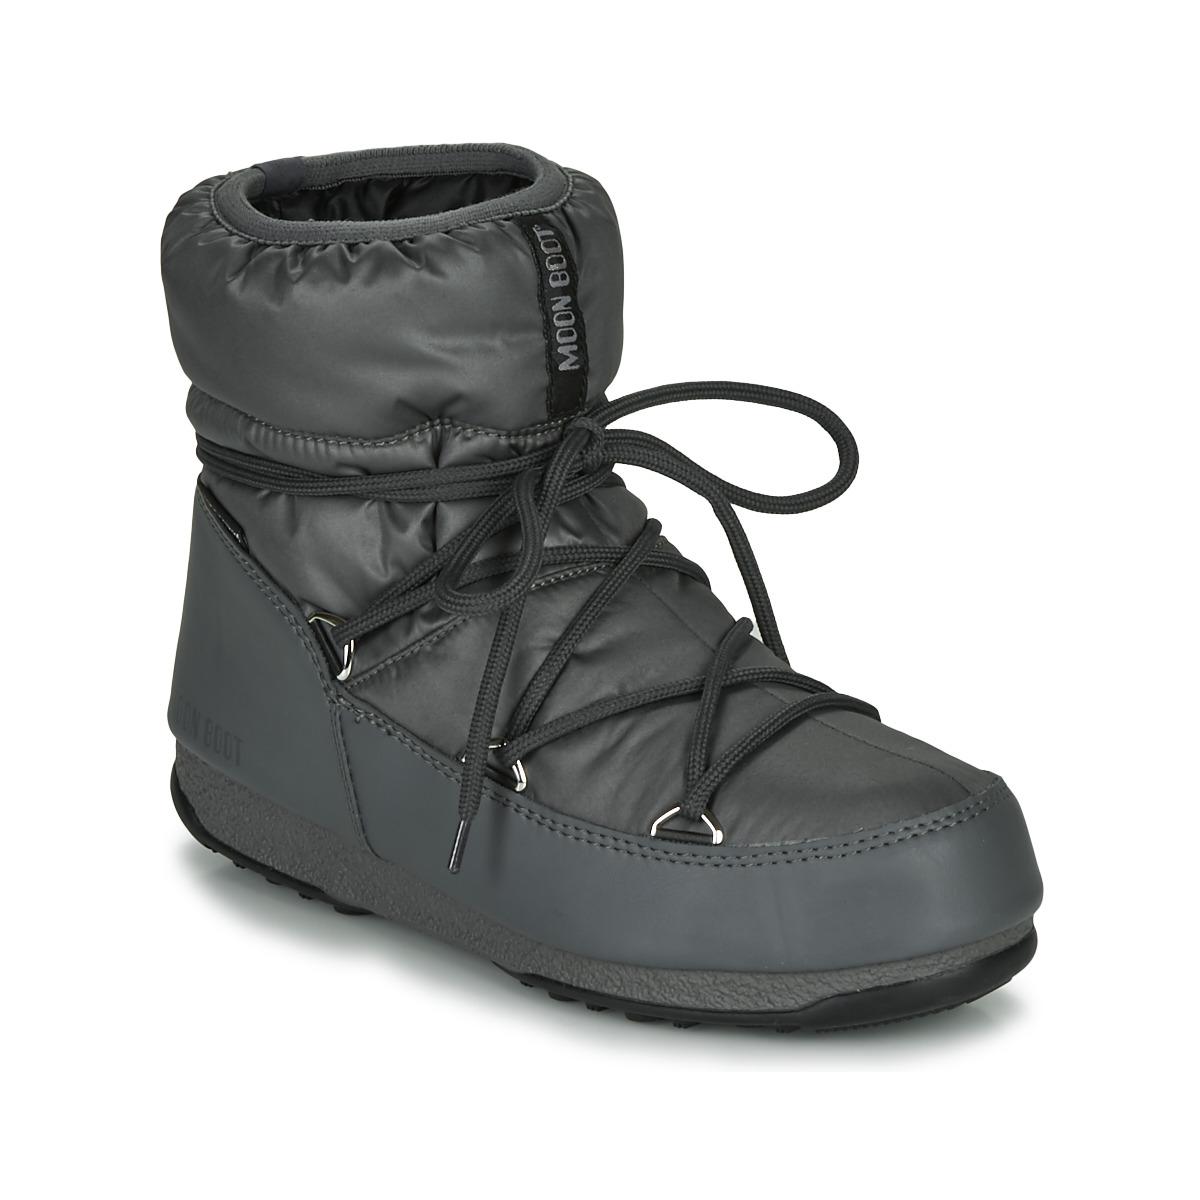 Vinterstøvler Moon Boot  MOON BOOT LOW NYLON WP 2